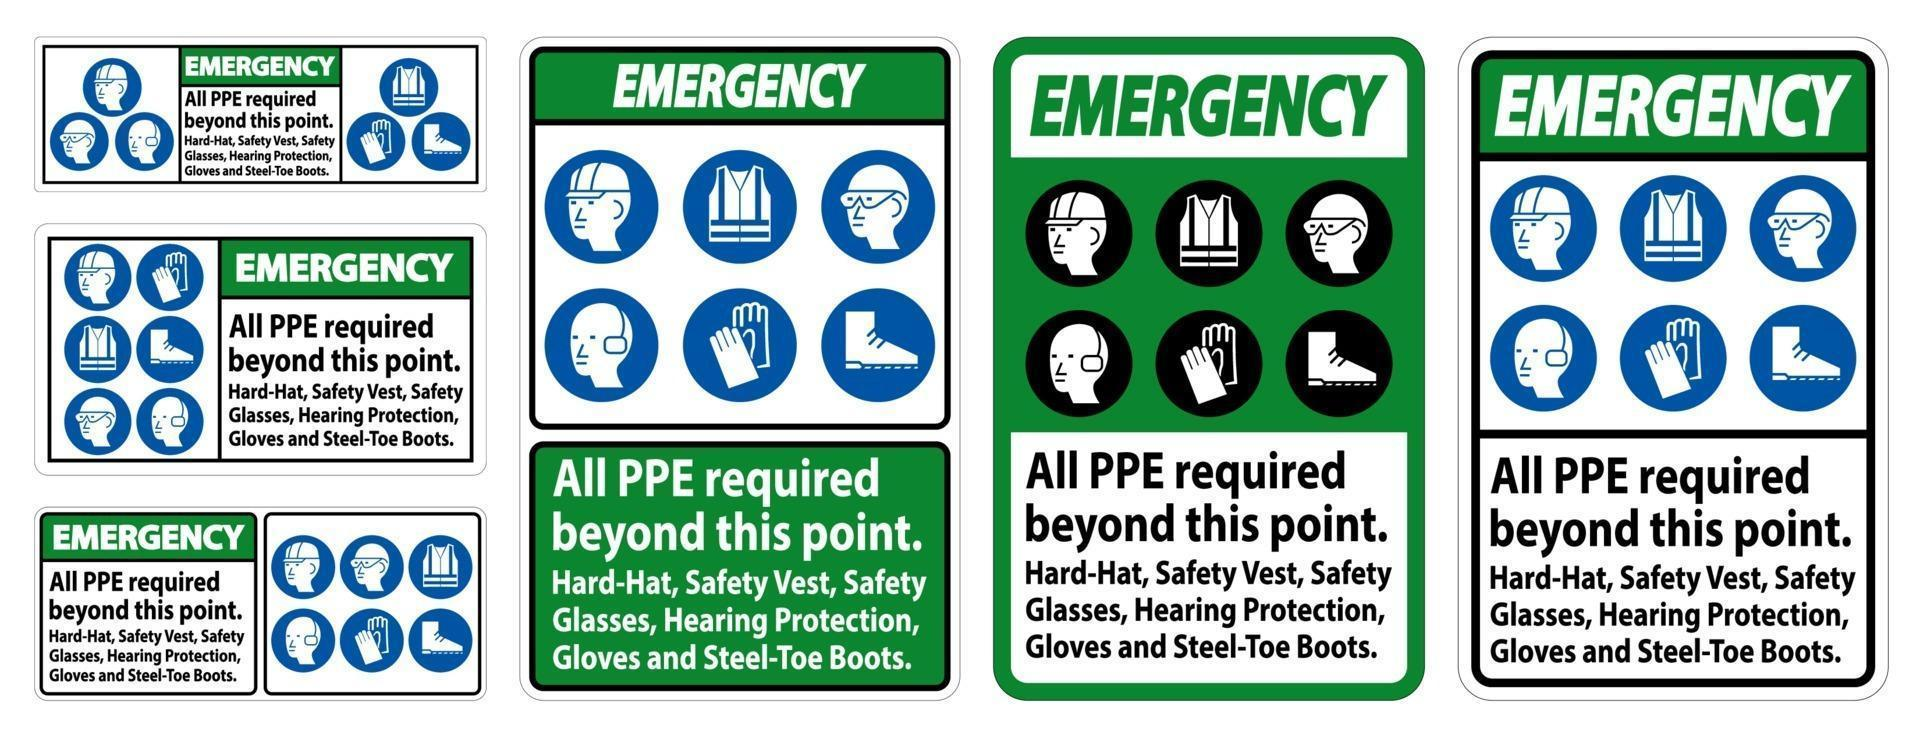 ppe di emergenza richiesto oltre questo punto. elmetto, giubbotto di sicurezza, occhiali di sicurezza, protezione per l'udito vettore